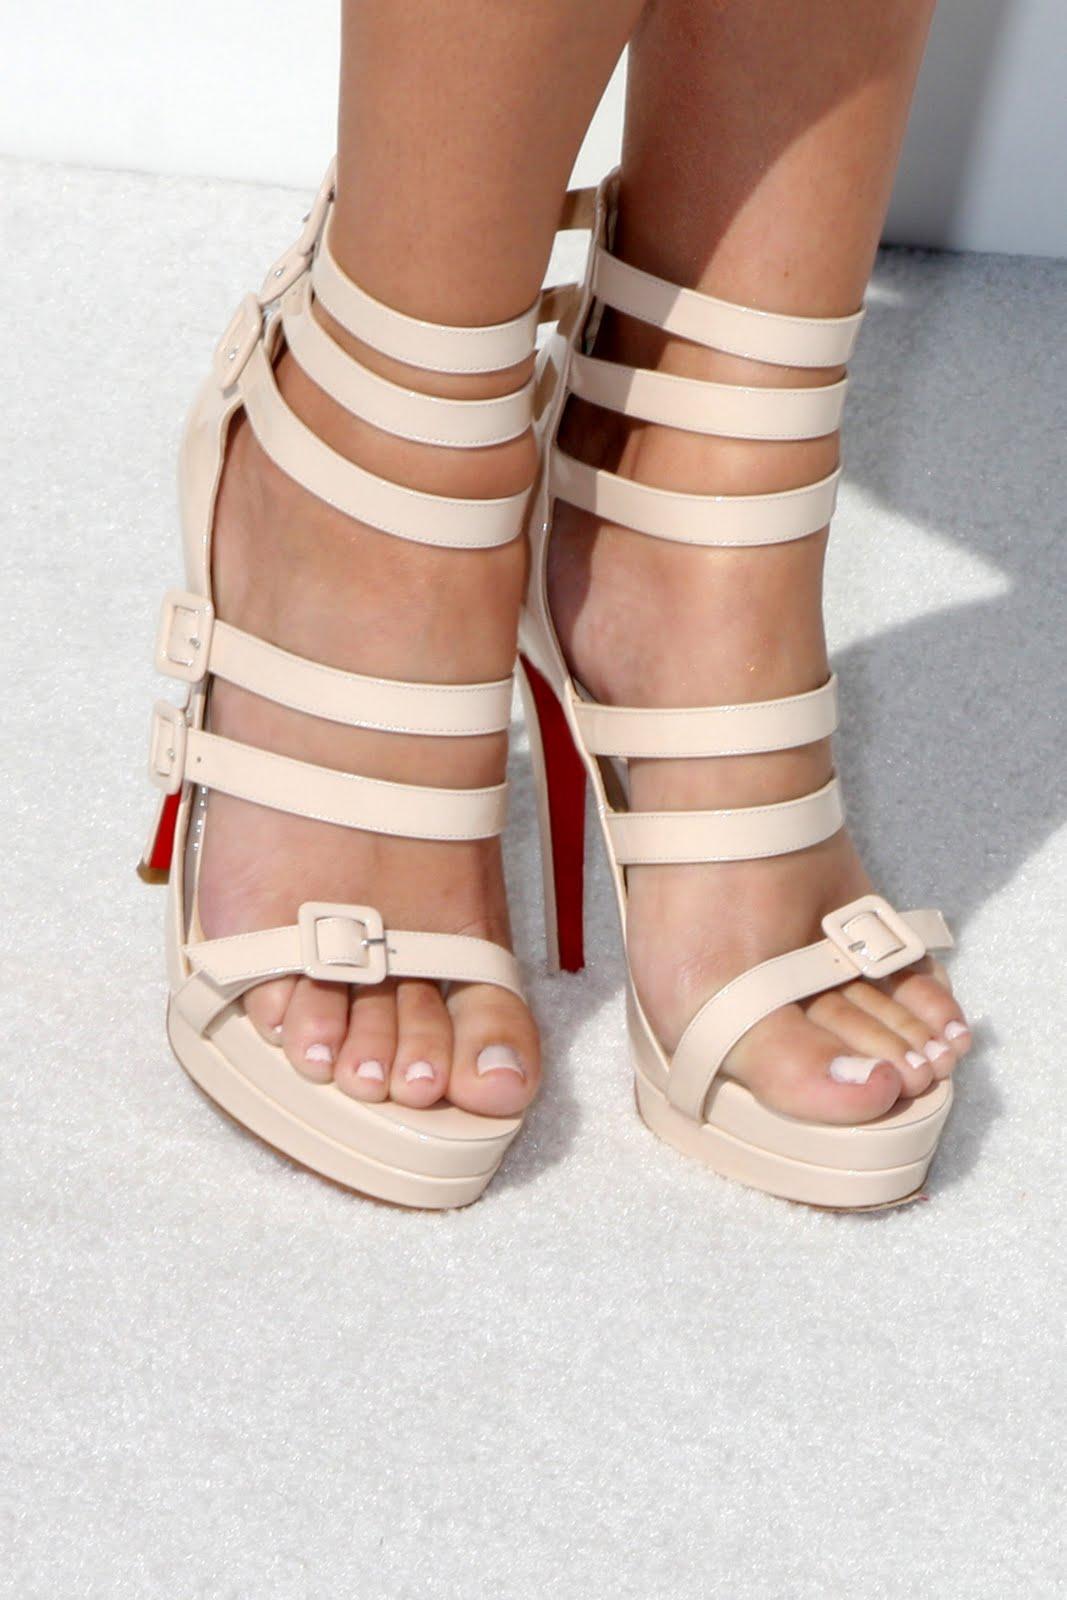 http://1.bp.blogspot.com/_UaLWp72nij4/S-2rRpQDgjI/AAAAAAAAK-Y/w7b7XIsdtPM/s1600/khloe-kardashian-feet.jpg